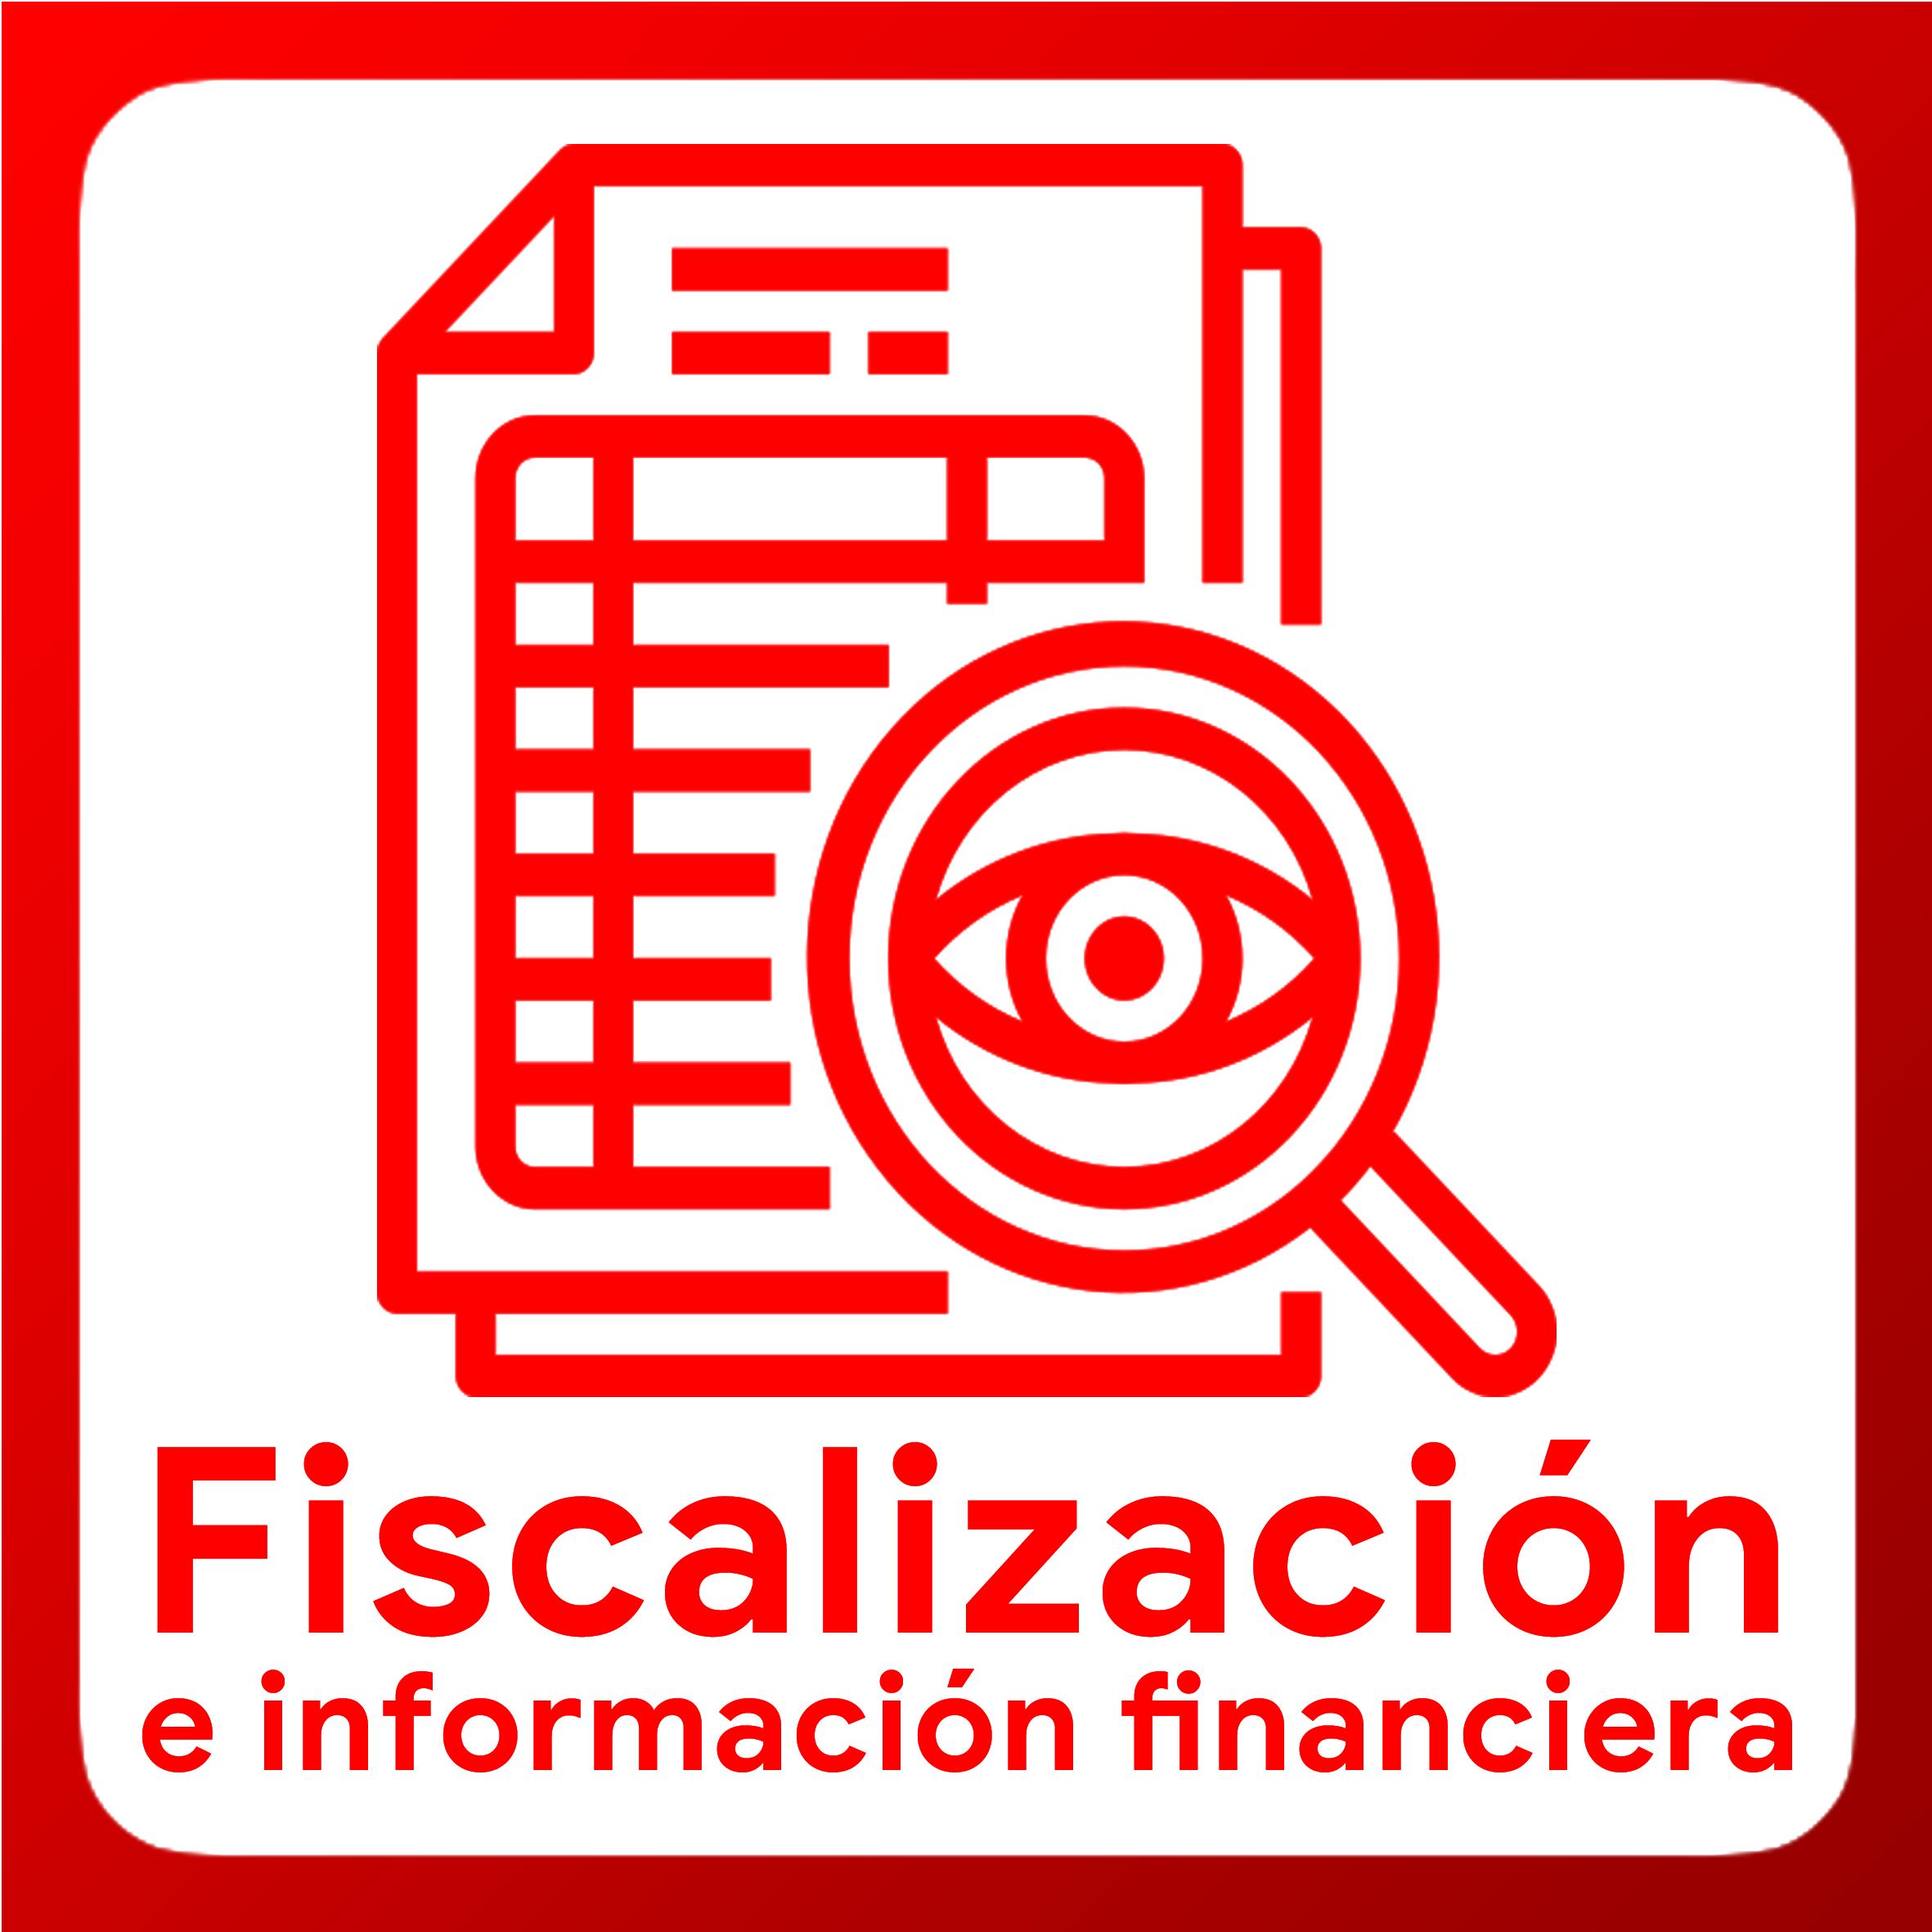 Boton activable Fiscalización e informacion financiera